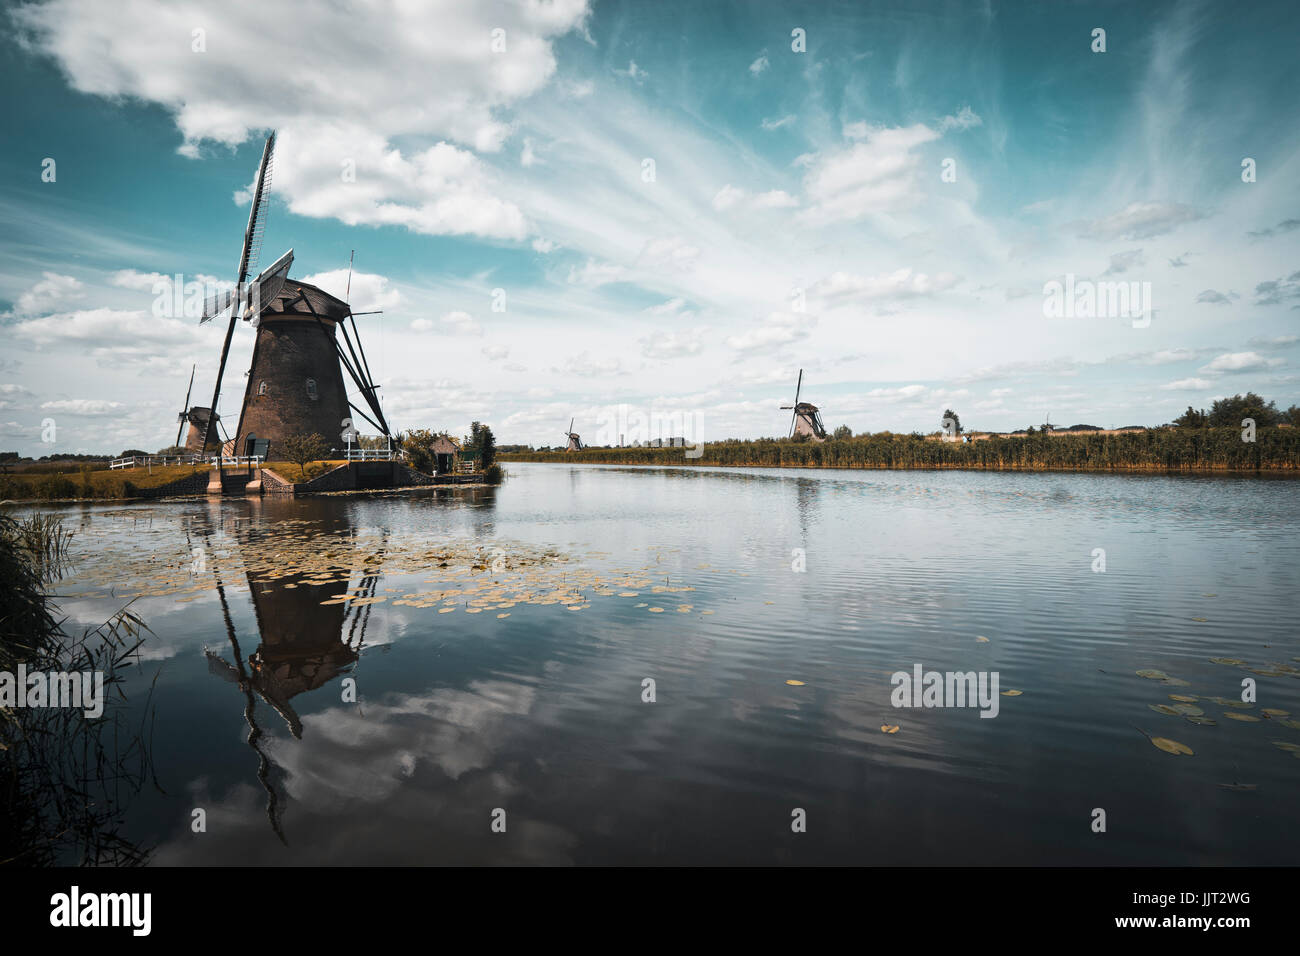 Kinderdijk paesaggio con la tipica 19 mulini a vento Immagini Stock